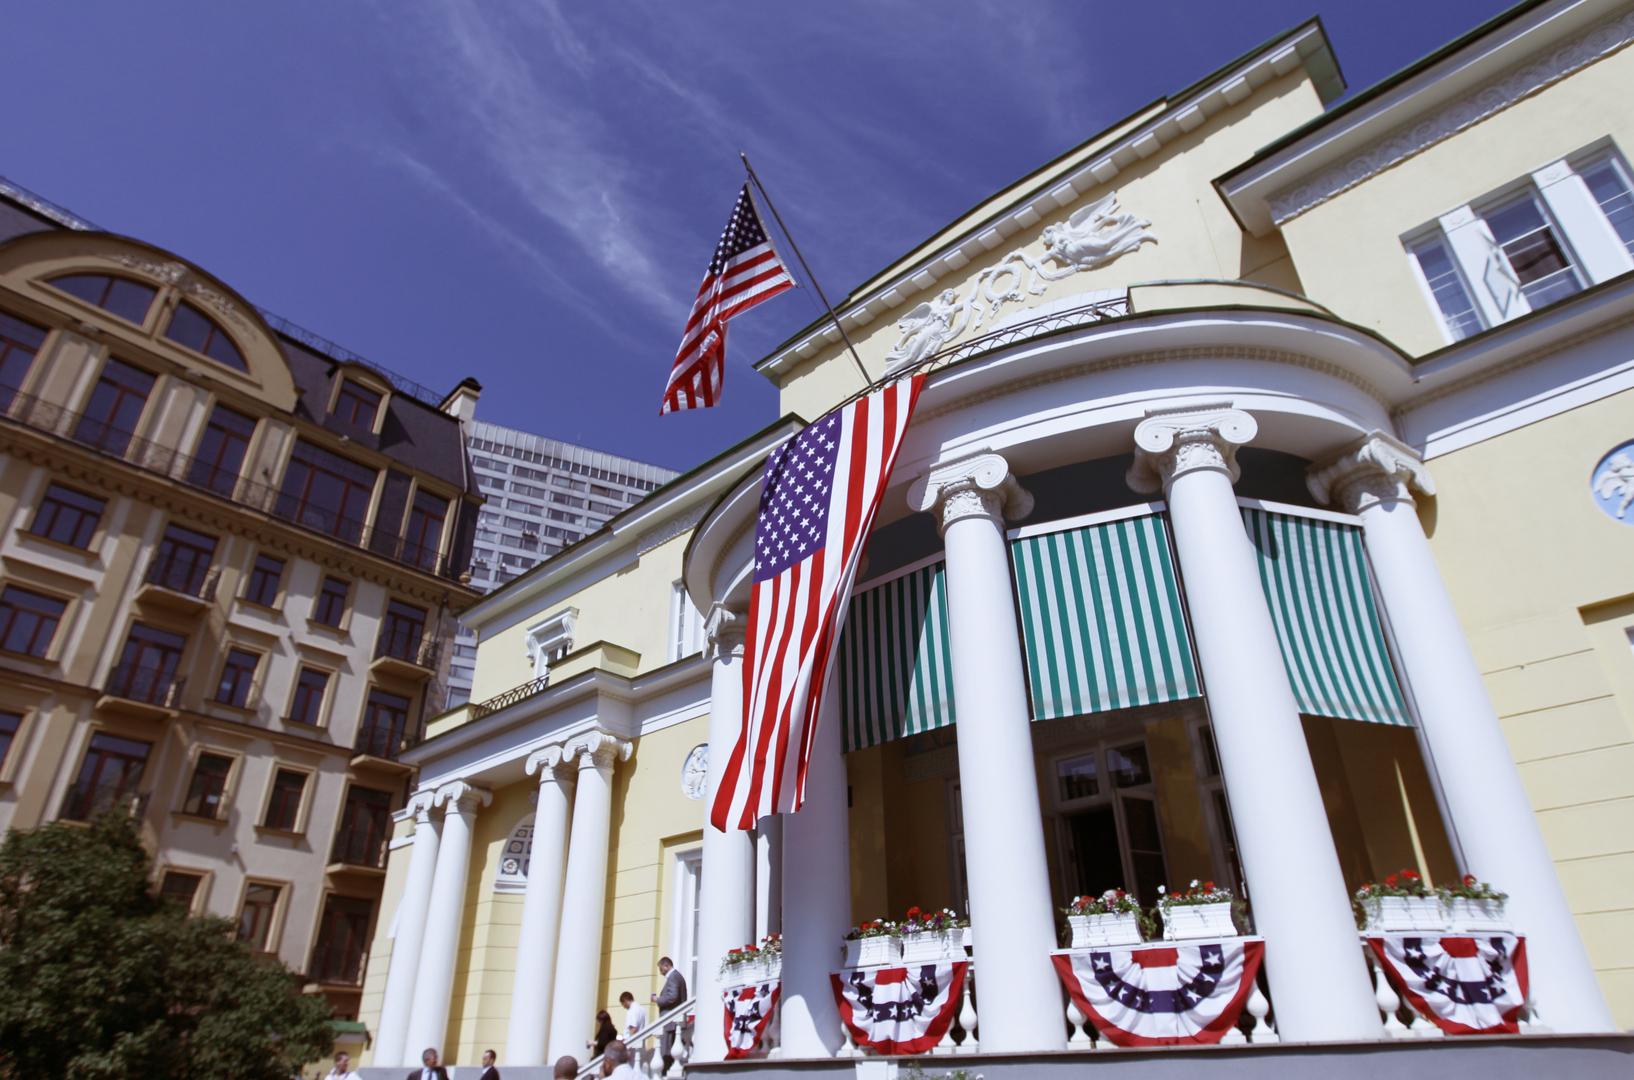 سباسو-هاوس، مقر إقامة السفير الأمريكي لدى موسكو.